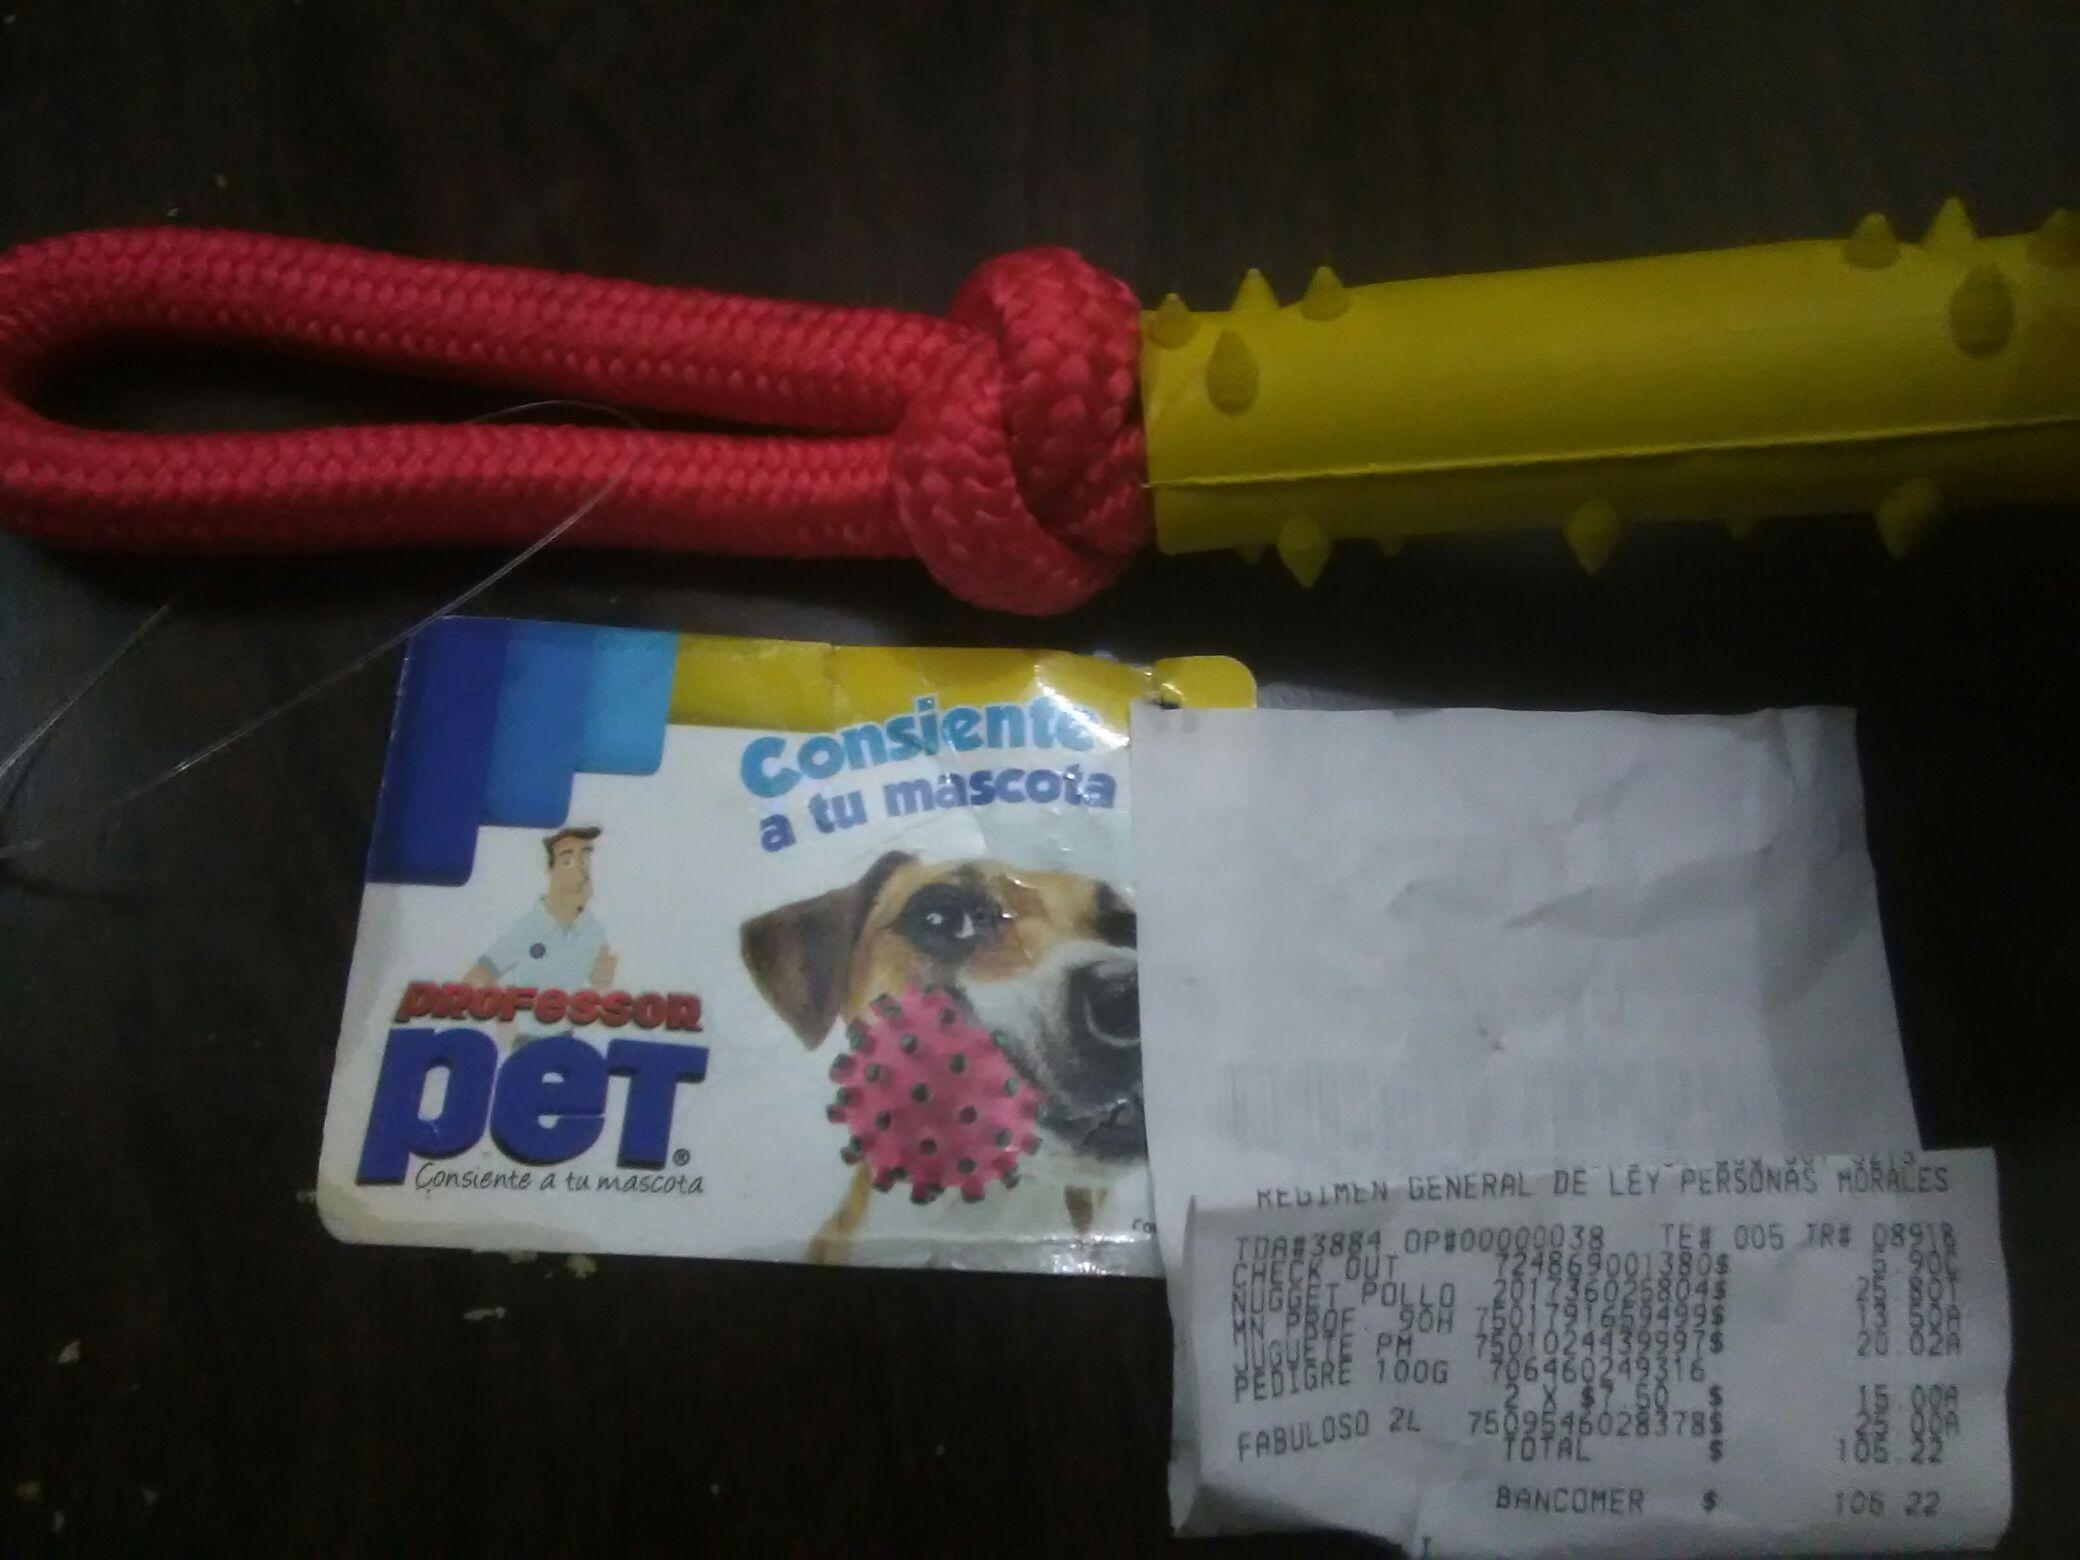 Bodega Aurrera: Juguetes para mascota perro profesor PET